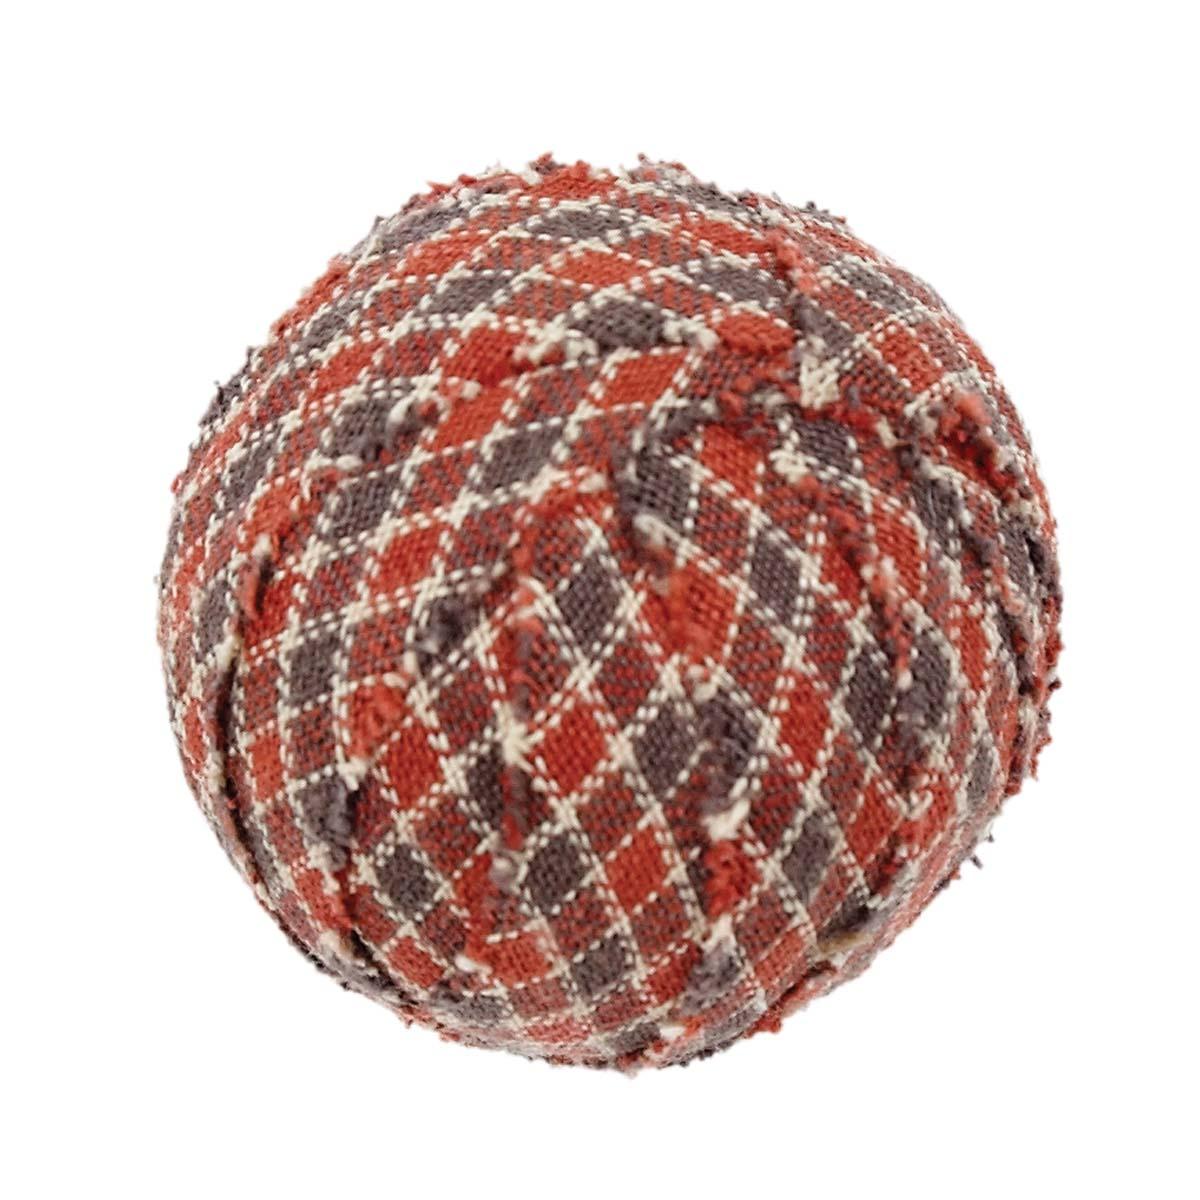 Tacoma Fabric Ball #1-1.5